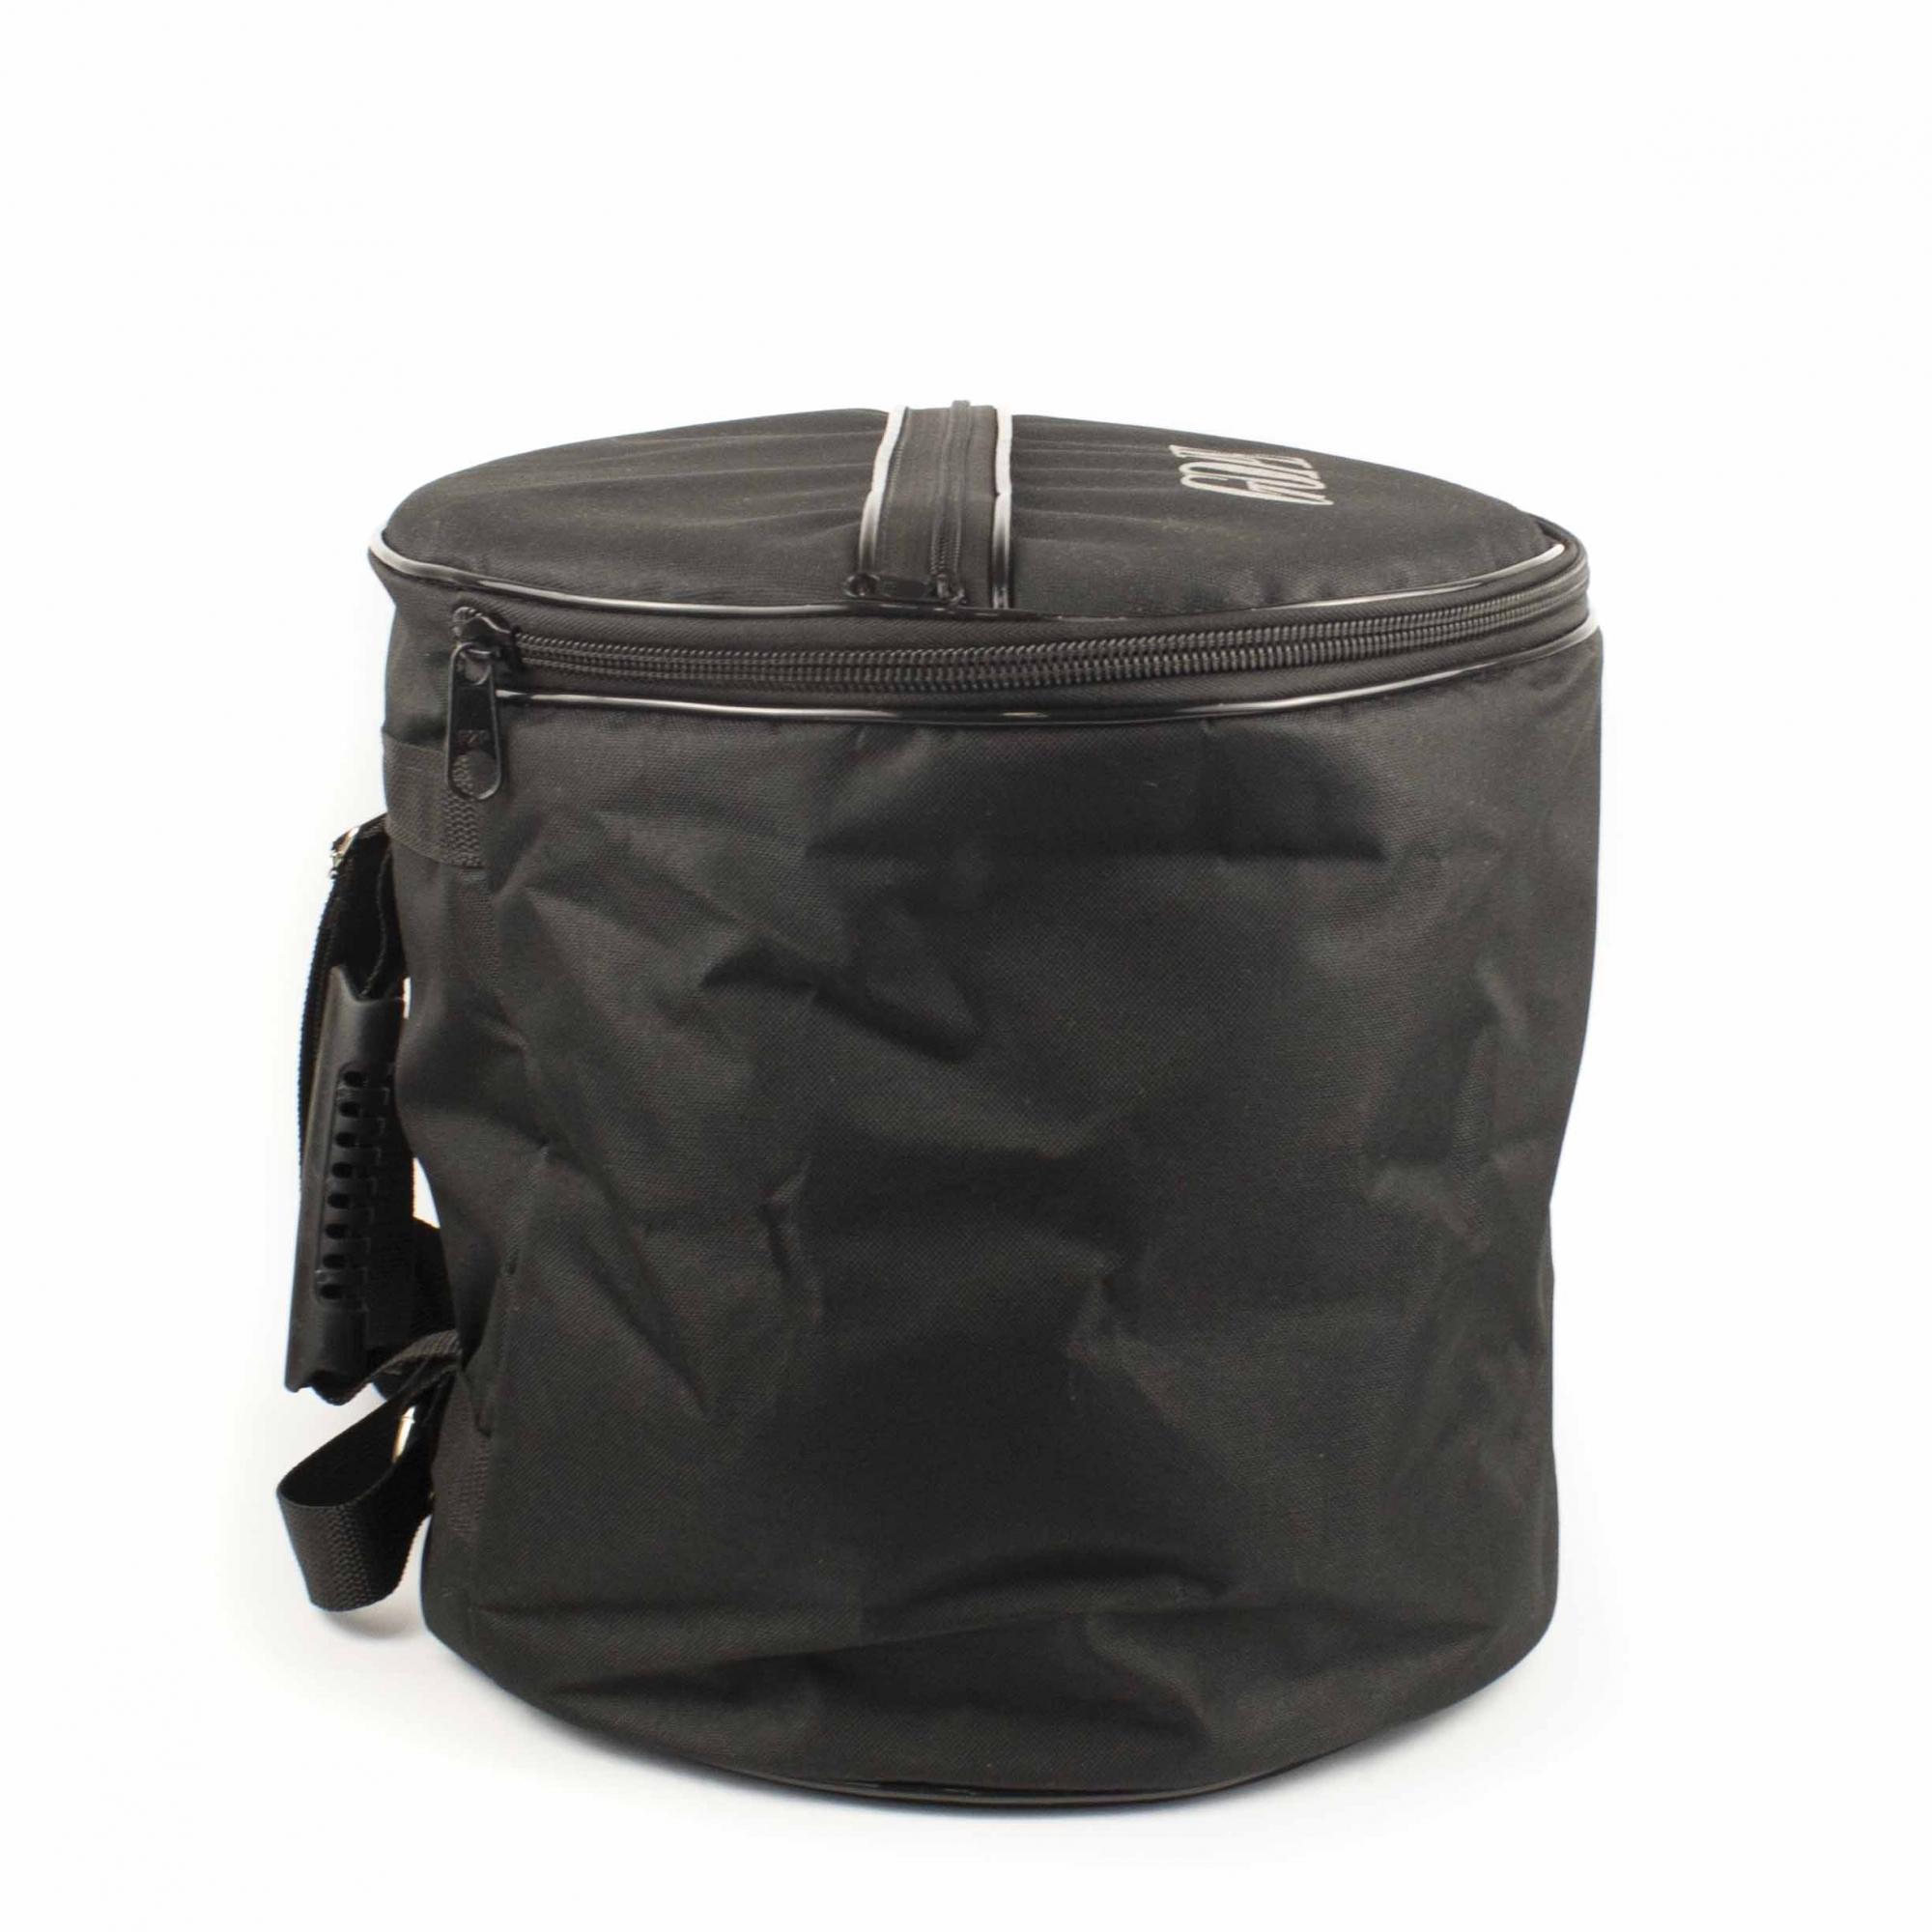 CAPA BAG GOPE PARA REPIQUE de Mao / Anel 11 ou 12 pol 30 cm